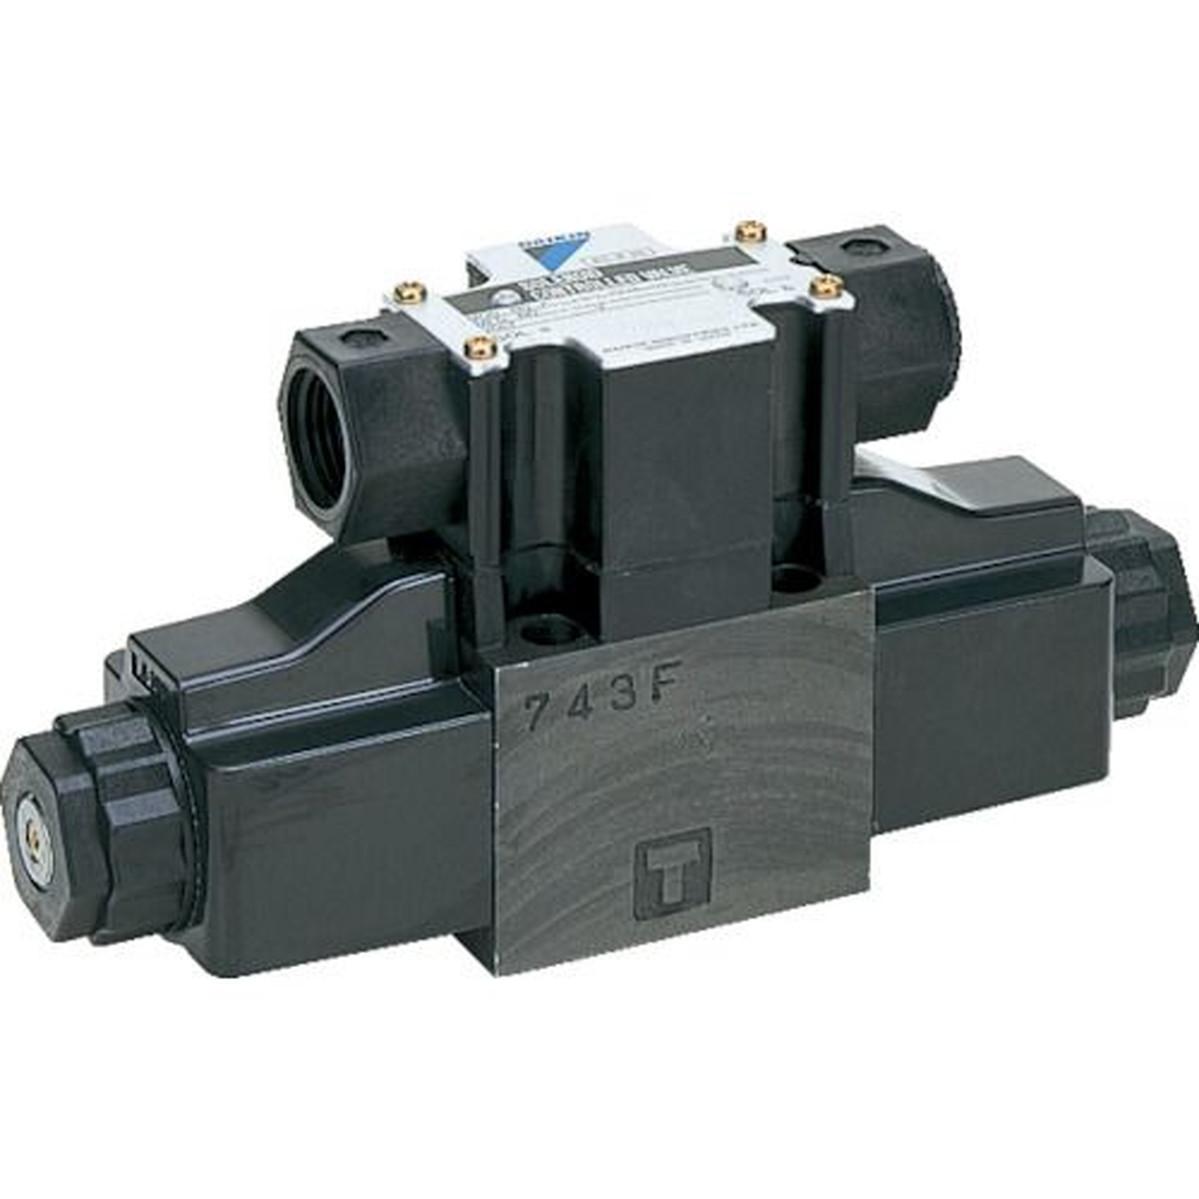 高質で安価 ダイキン 電磁パイロット操作弁 1台 電圧AC100V 呼び径3/8 呼び径3/8 1台, ハヤシマチョウ:cc256594 --- beautyflurry.com